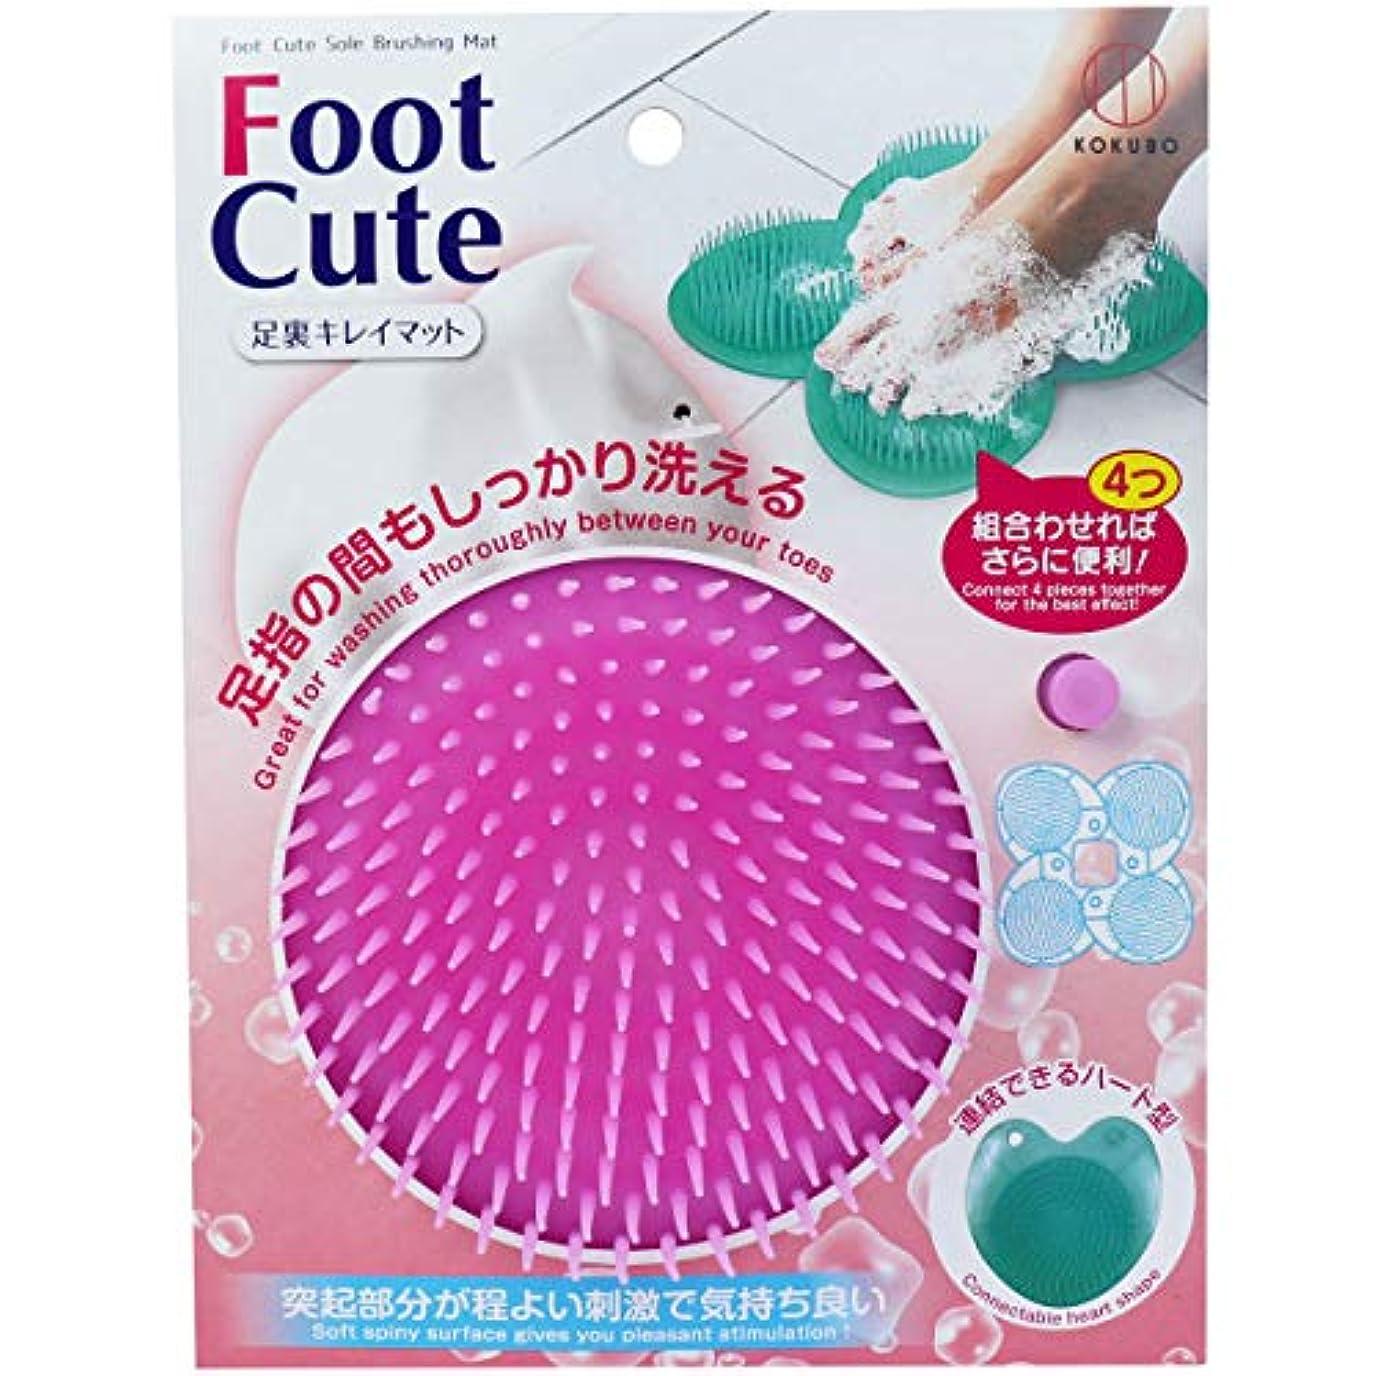 略す朝ガロン小久保工業所 Foot Cute 足裏キレイマット ピンク KH-056 1個